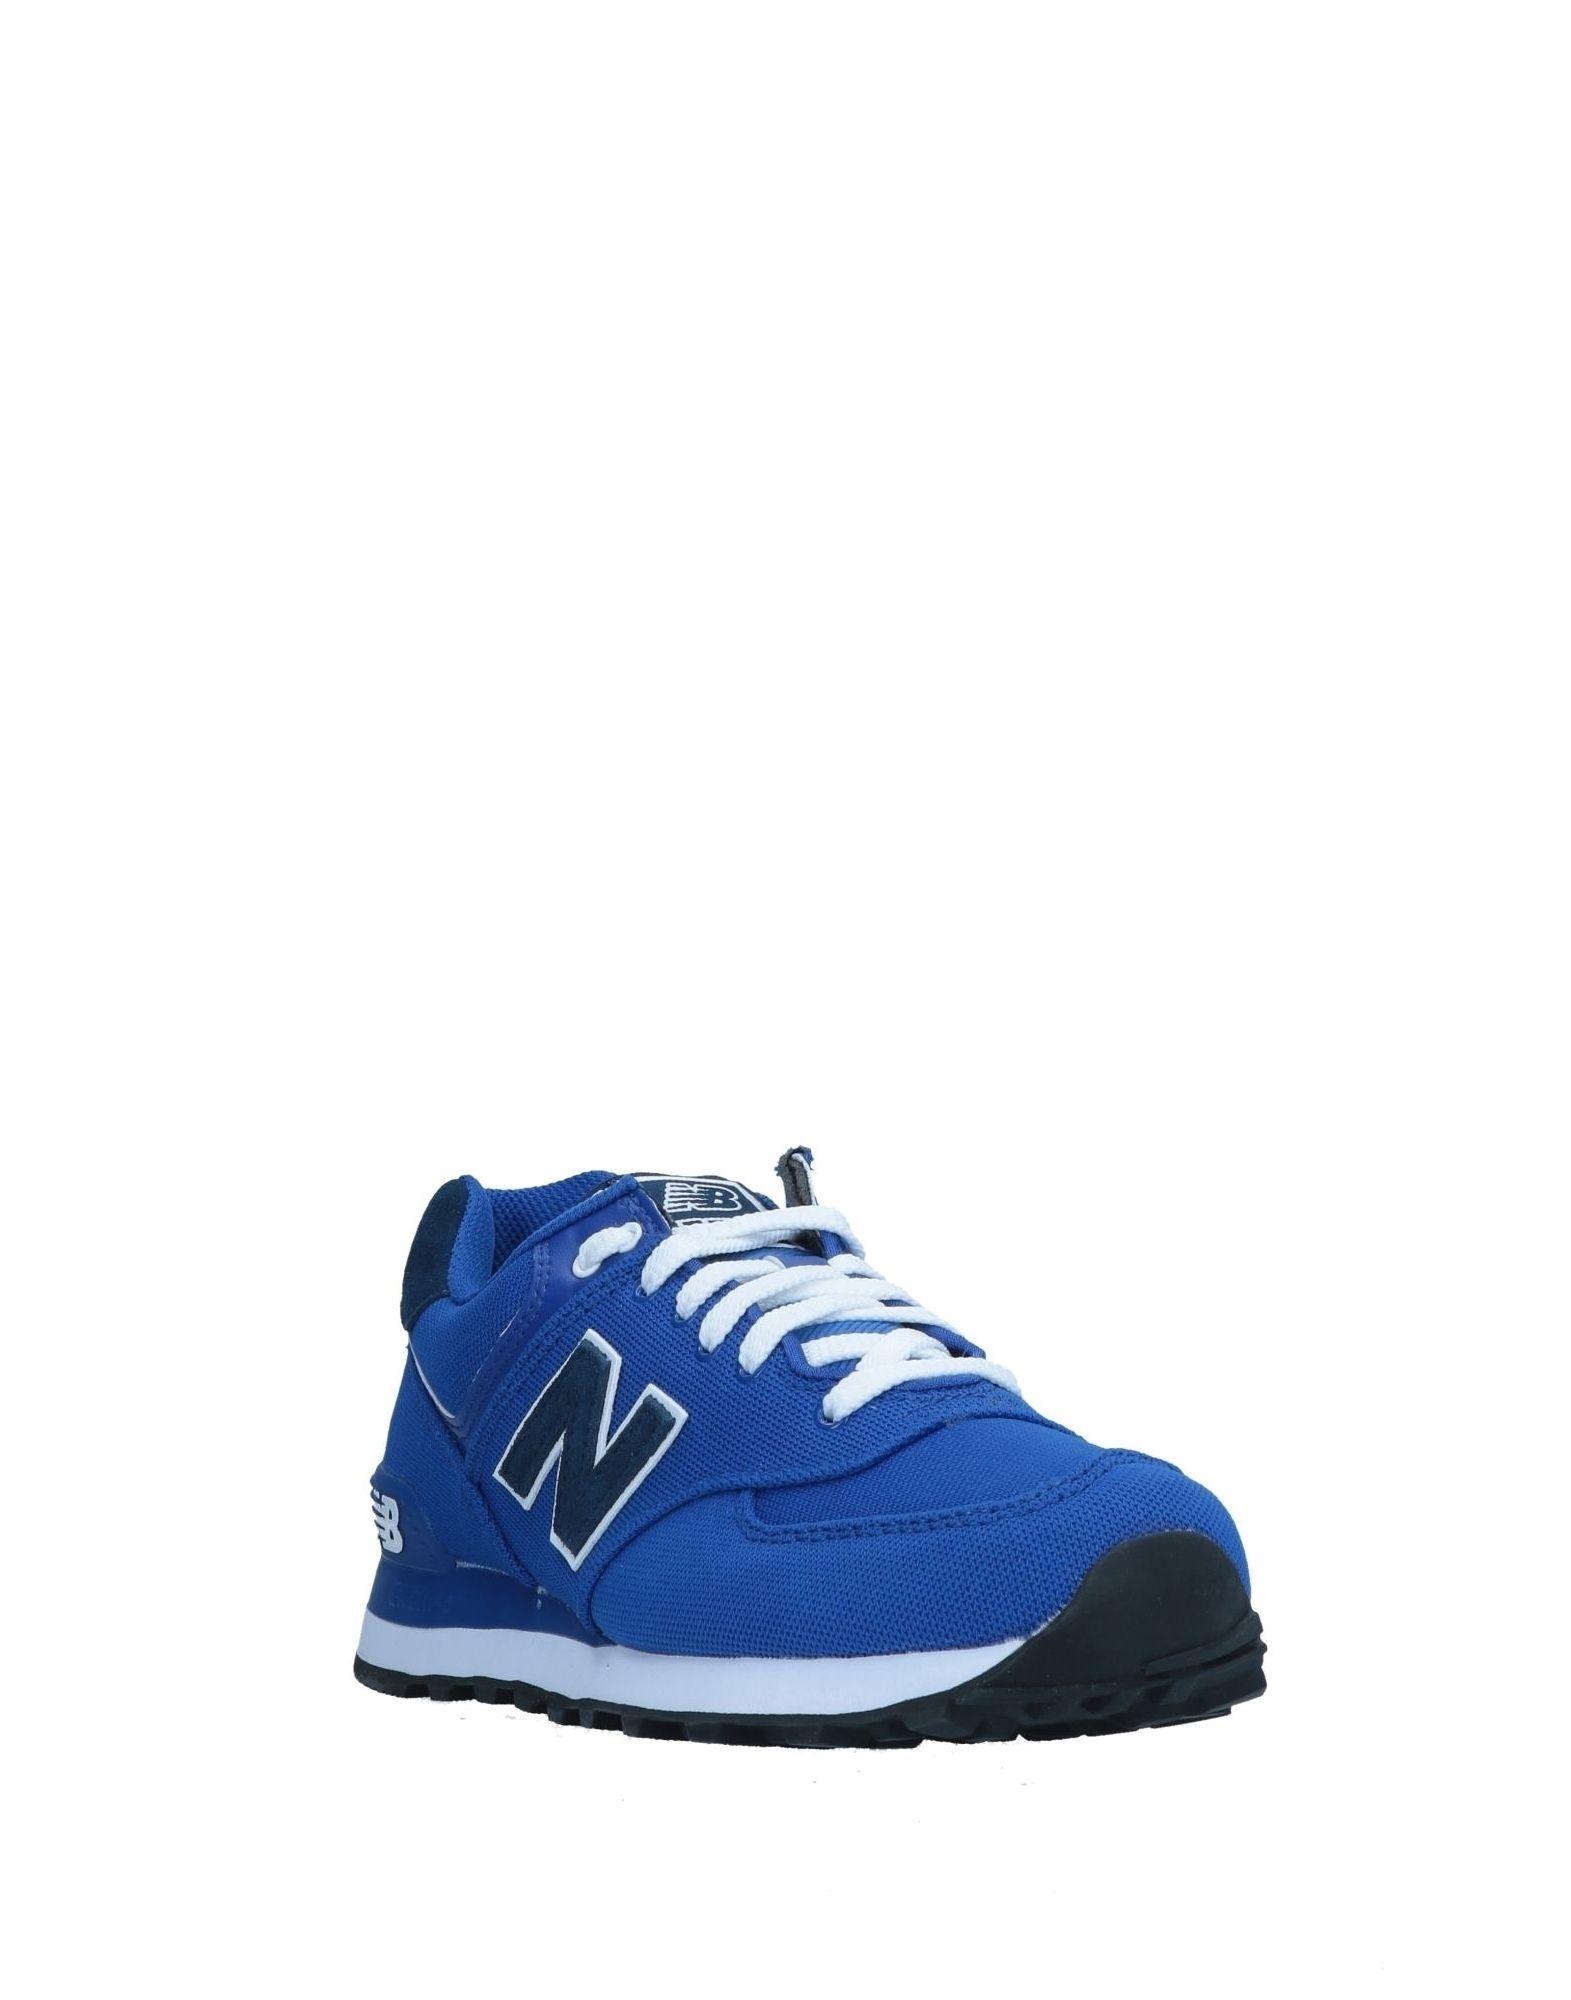 Rabatt Turnschuhes echte Schuhe New Balance Turnschuhes Rabatt Herren 11545625IM 4d34a0